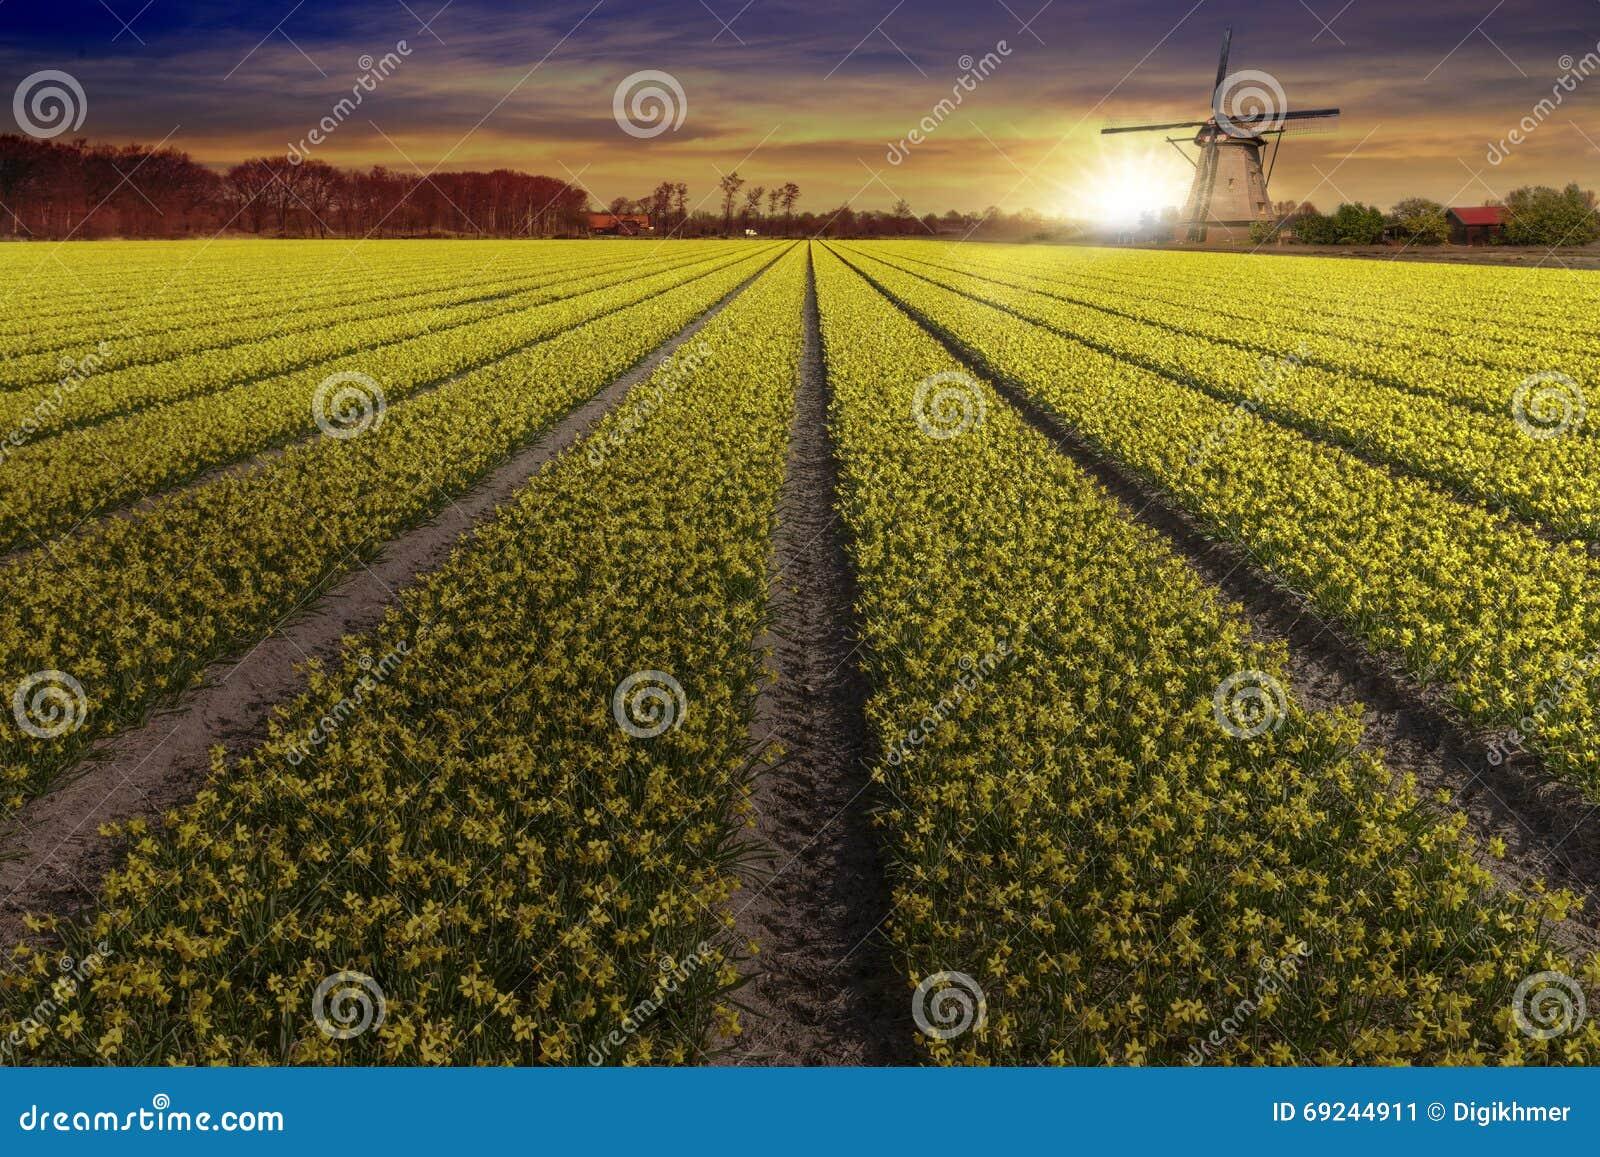 利瑟和Hilligome荷兰人城市的黄色黄水仙电灯泡农场